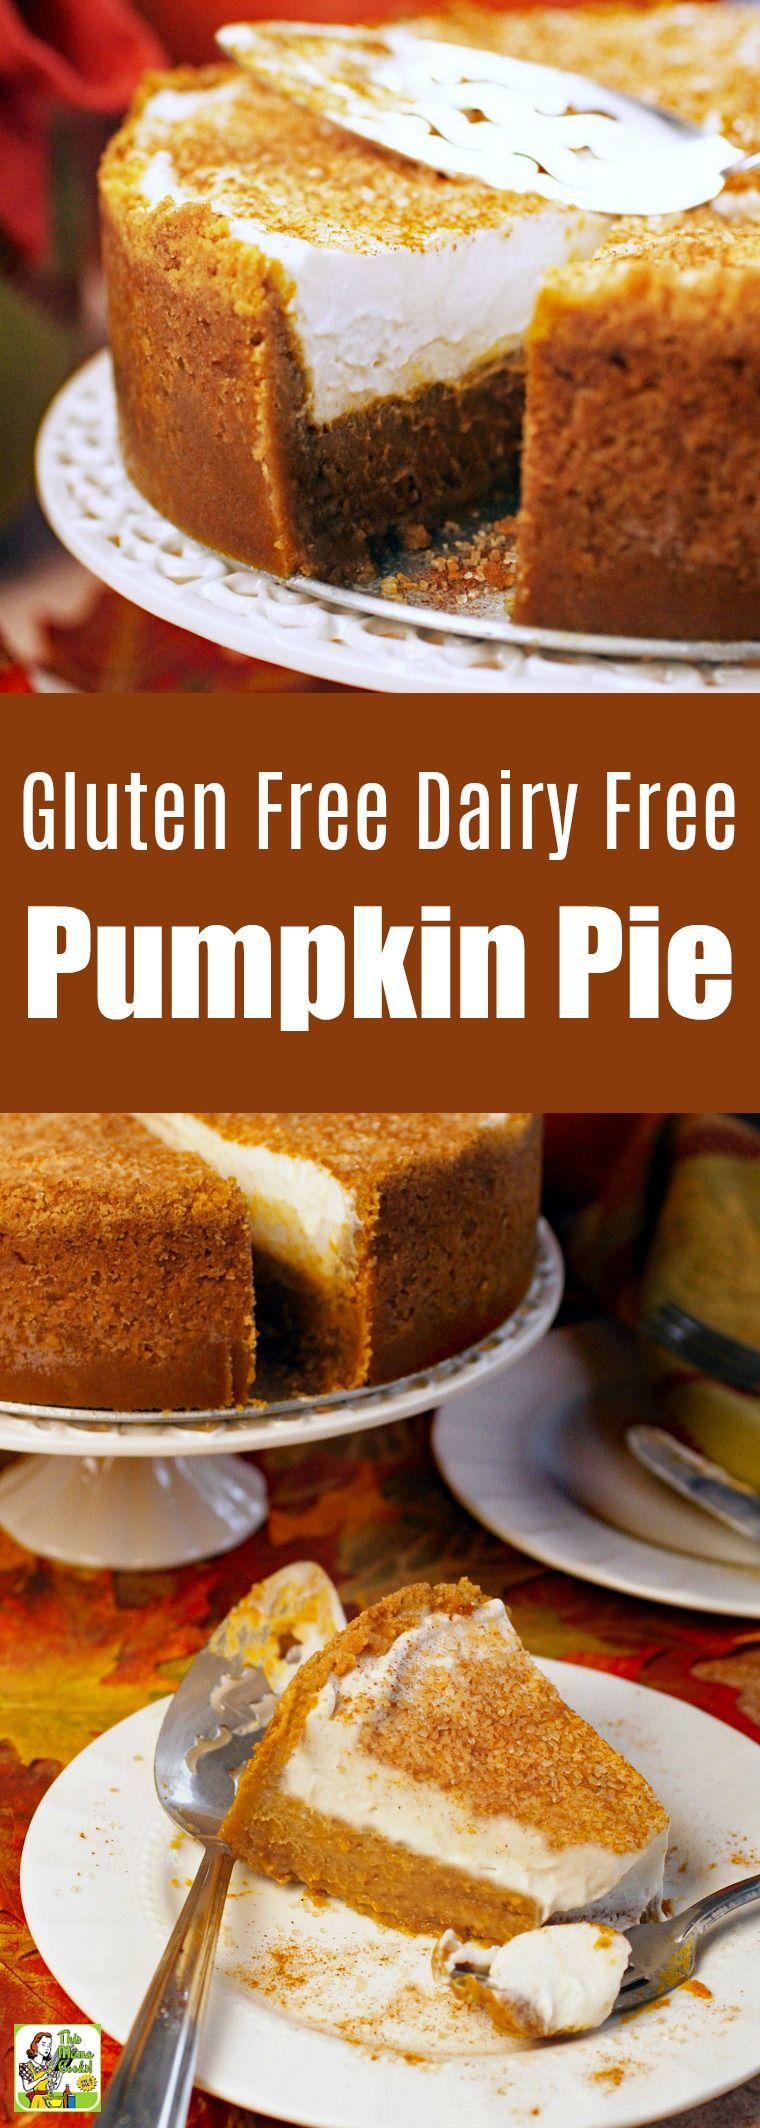 Gluten Free Dairy Free Pumpkin Pie #pumpkinpie